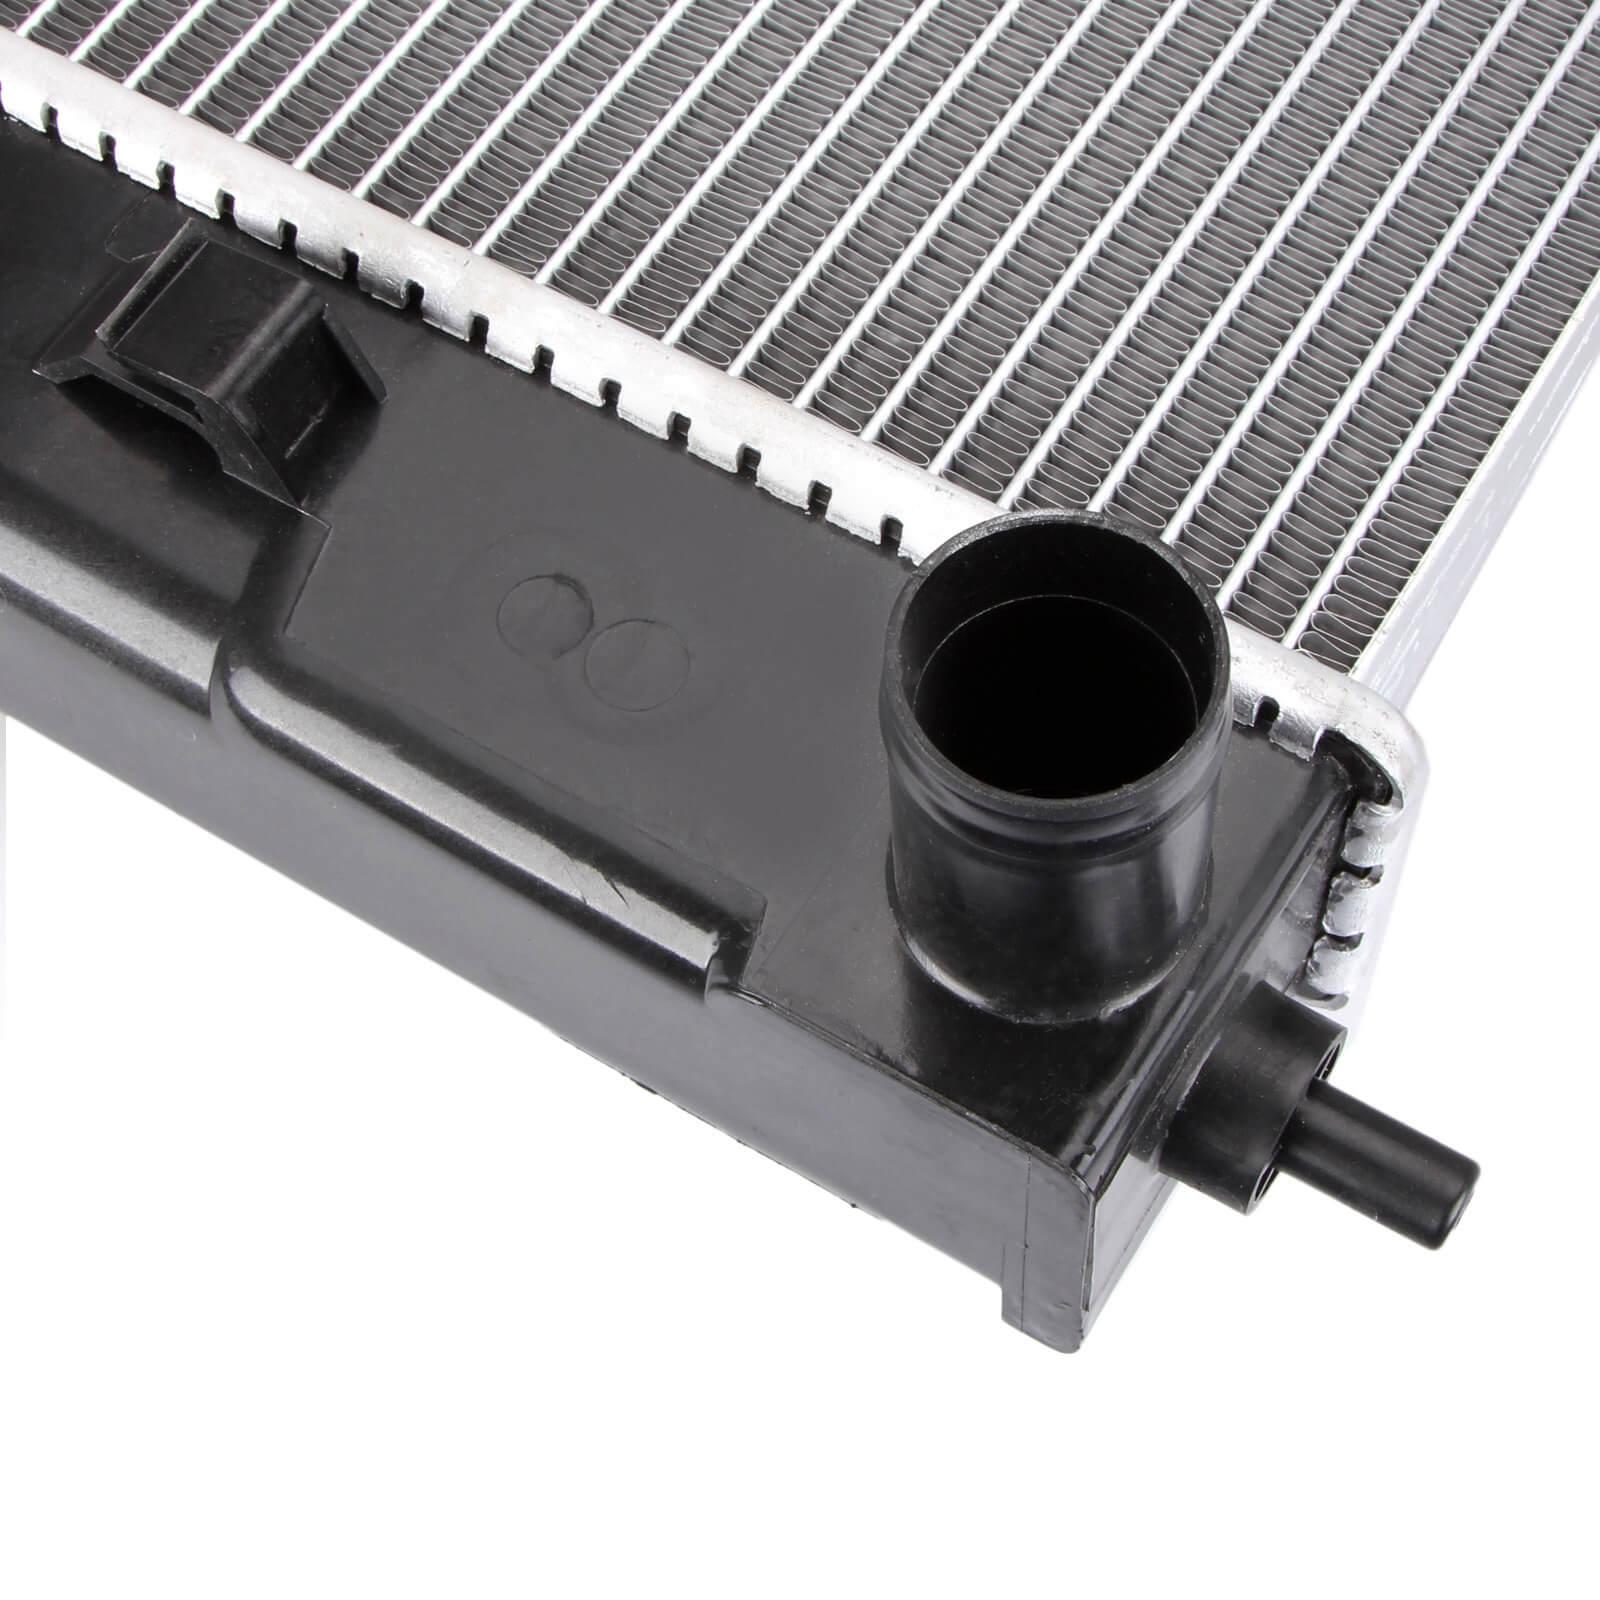 Dromedary-High Quality New 2688 Full Aluminum Radiator For Lexus Rx 330 33-202-v6-4